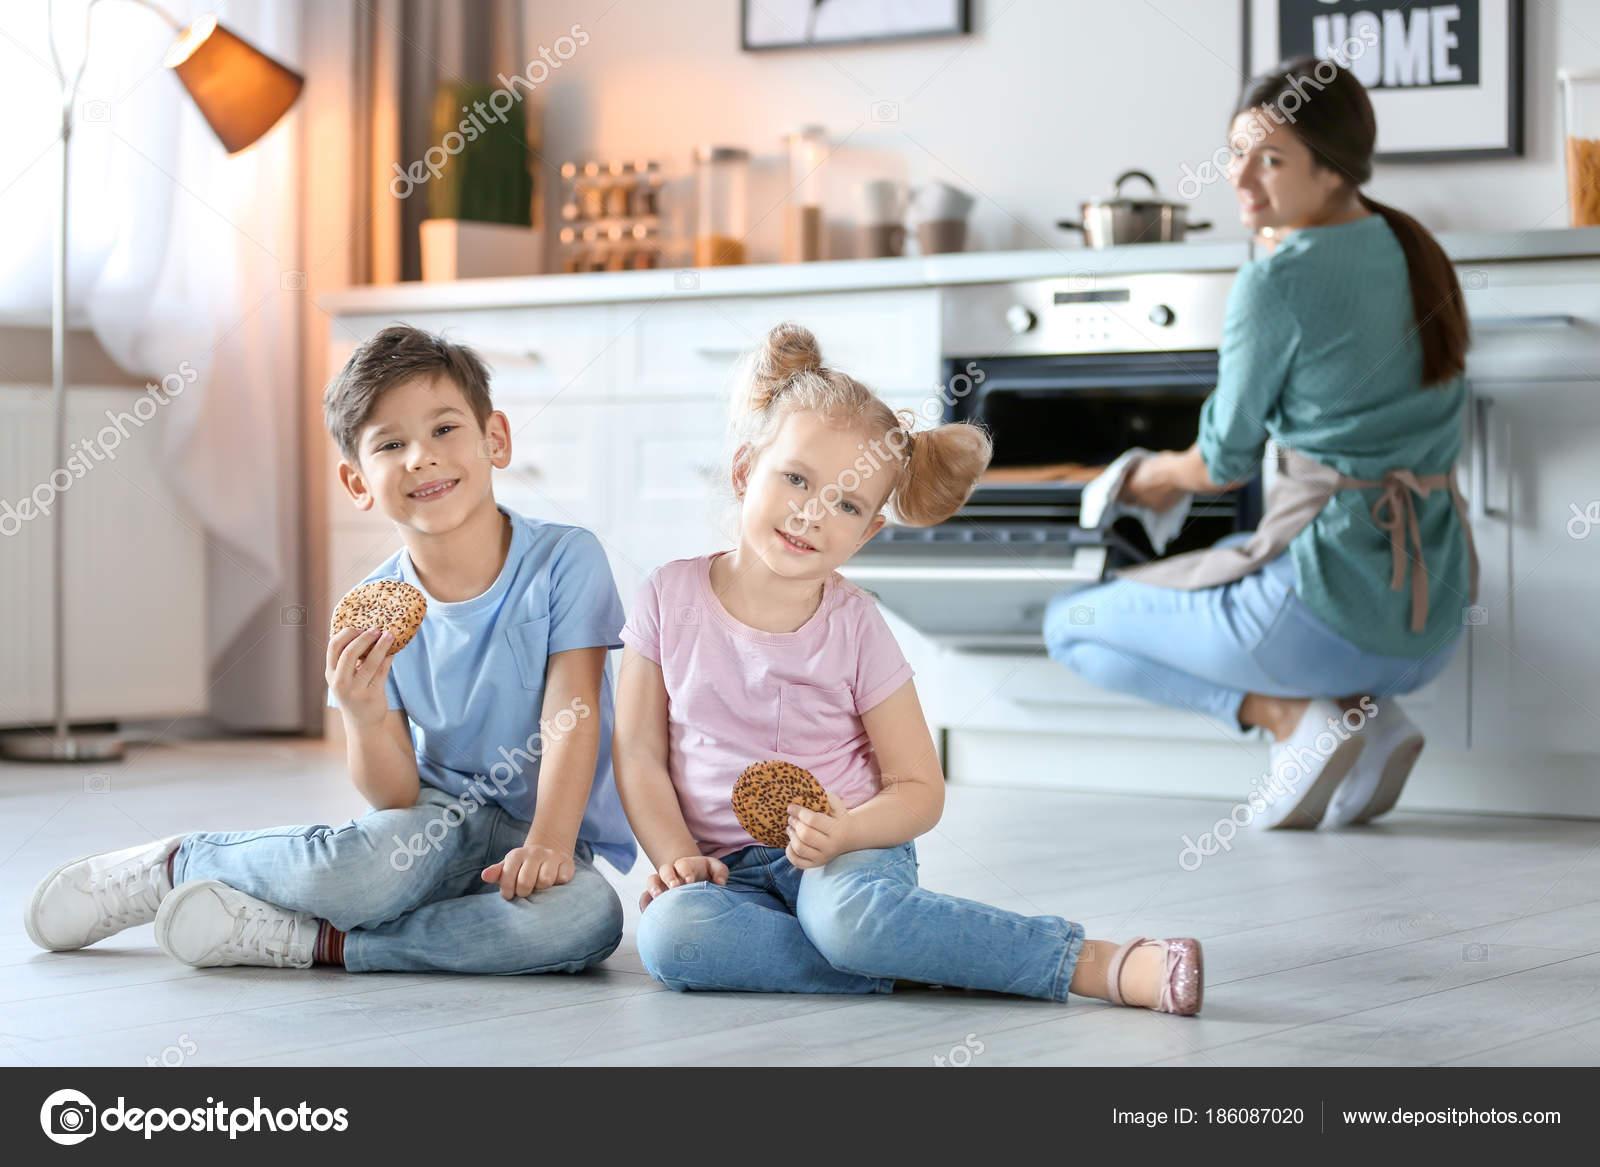 Keuken Voor Weinig : Weinig kinderen eten cookies in de buurt van de oven in keuken